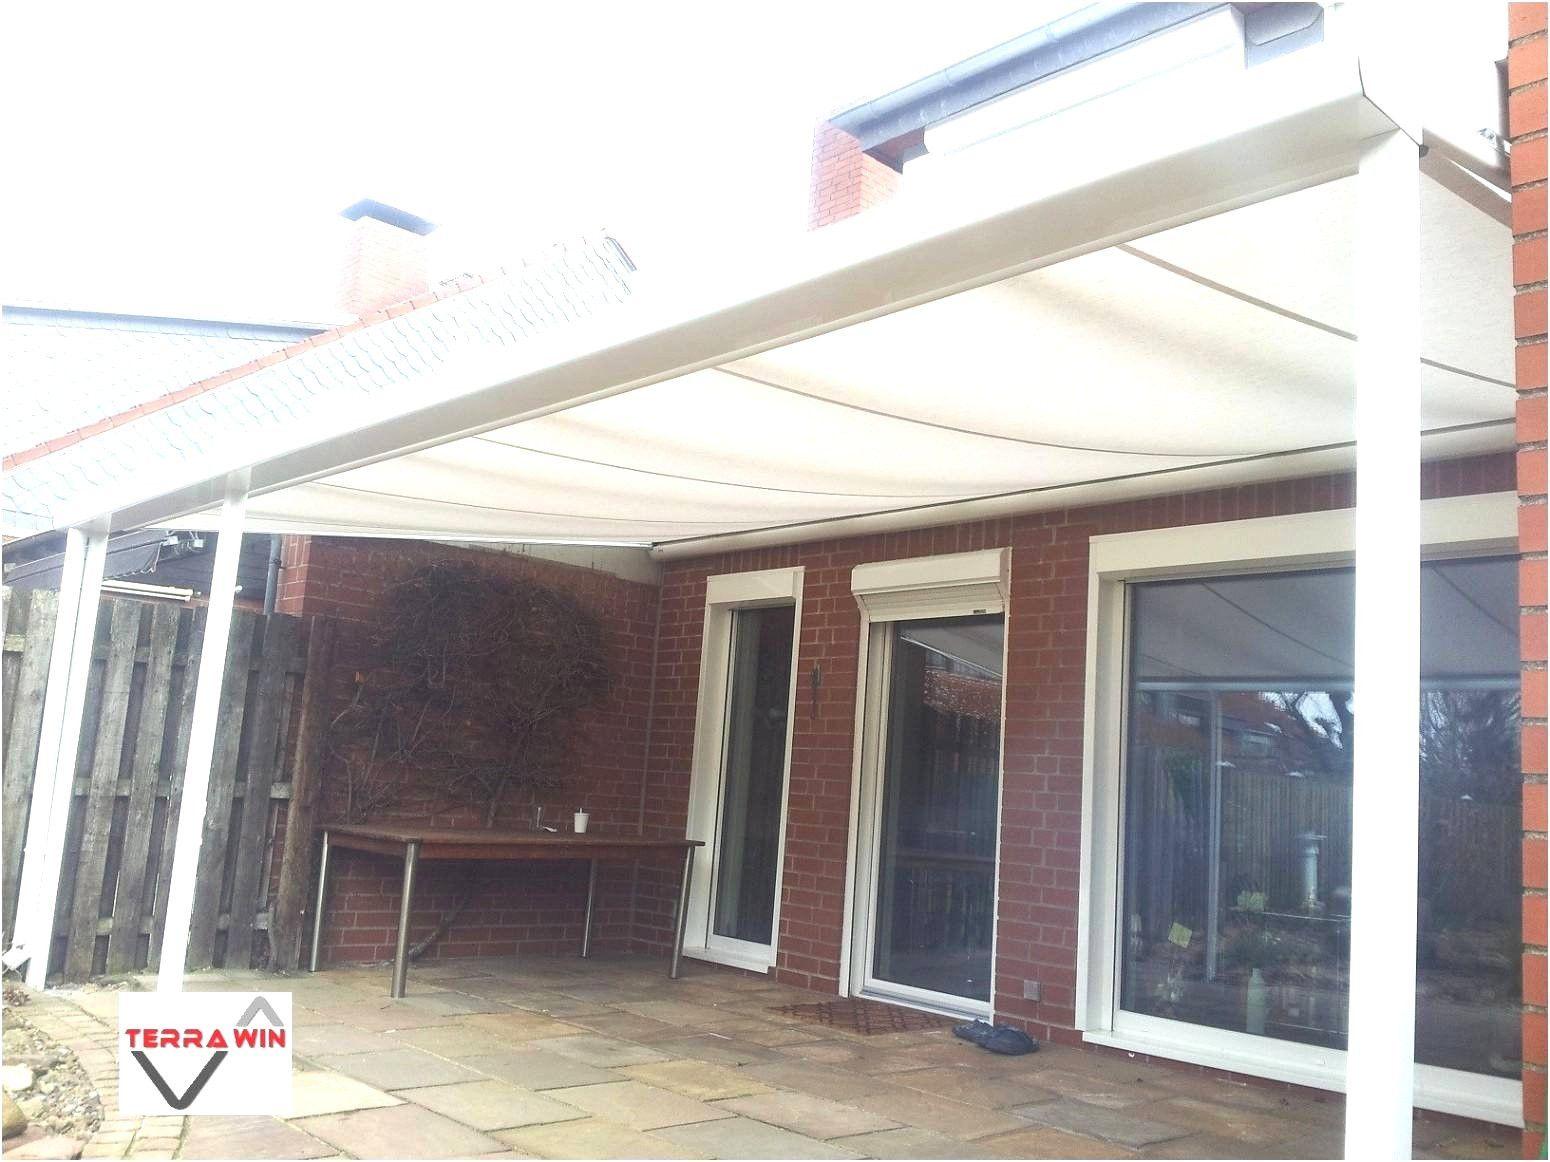 Einzigartig 40 Fur Terrassen Windschutz Plexiglas